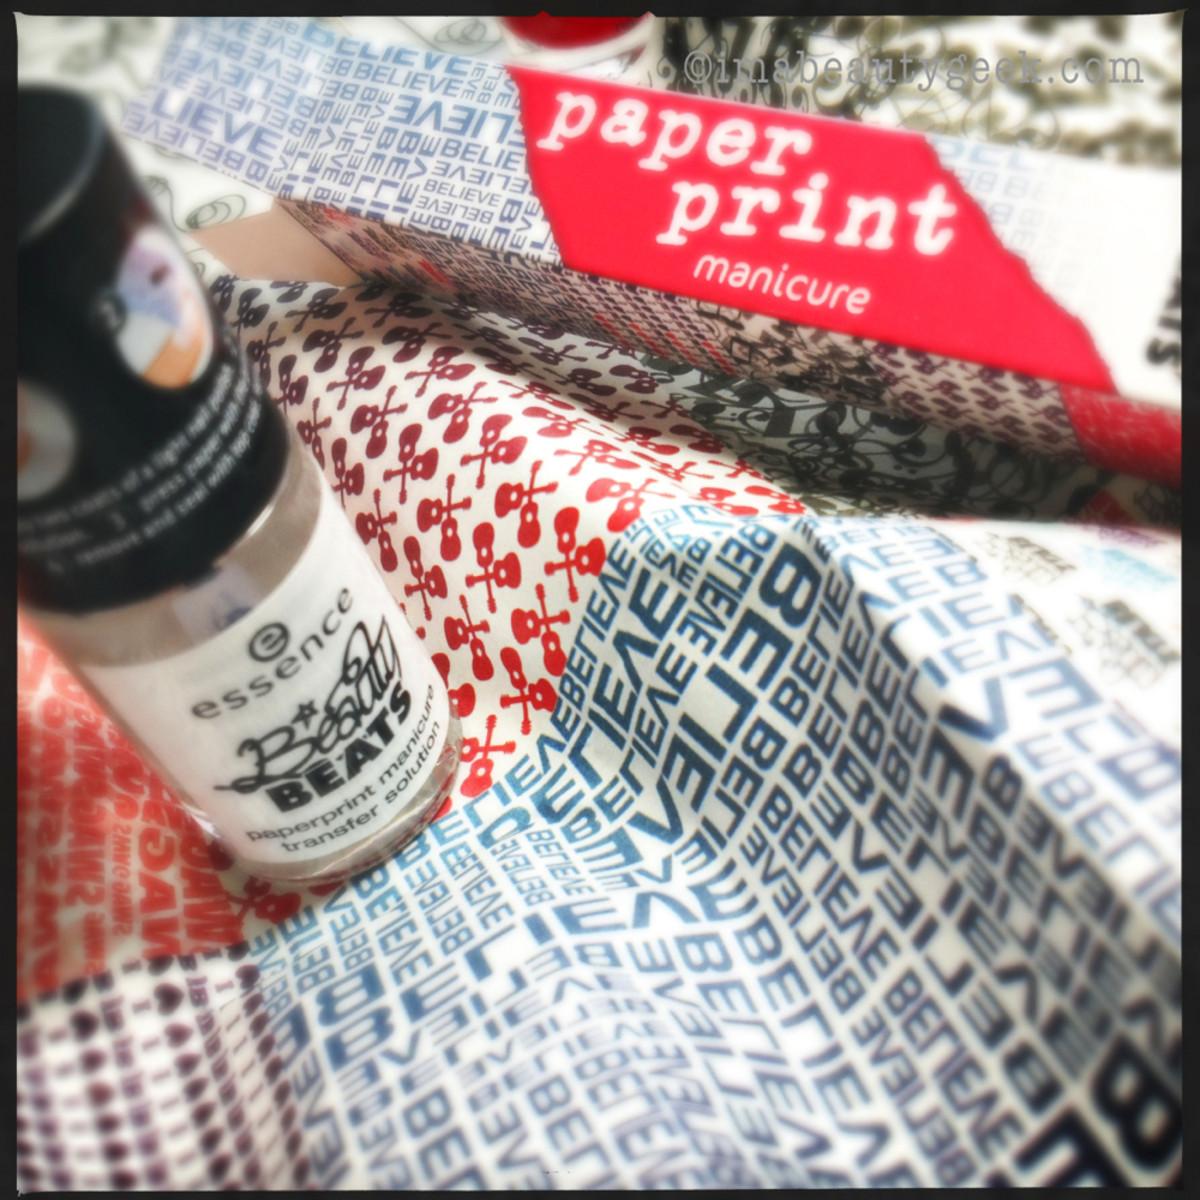 Justin Bieber nail polish_essence beauty beats paperprint manicure